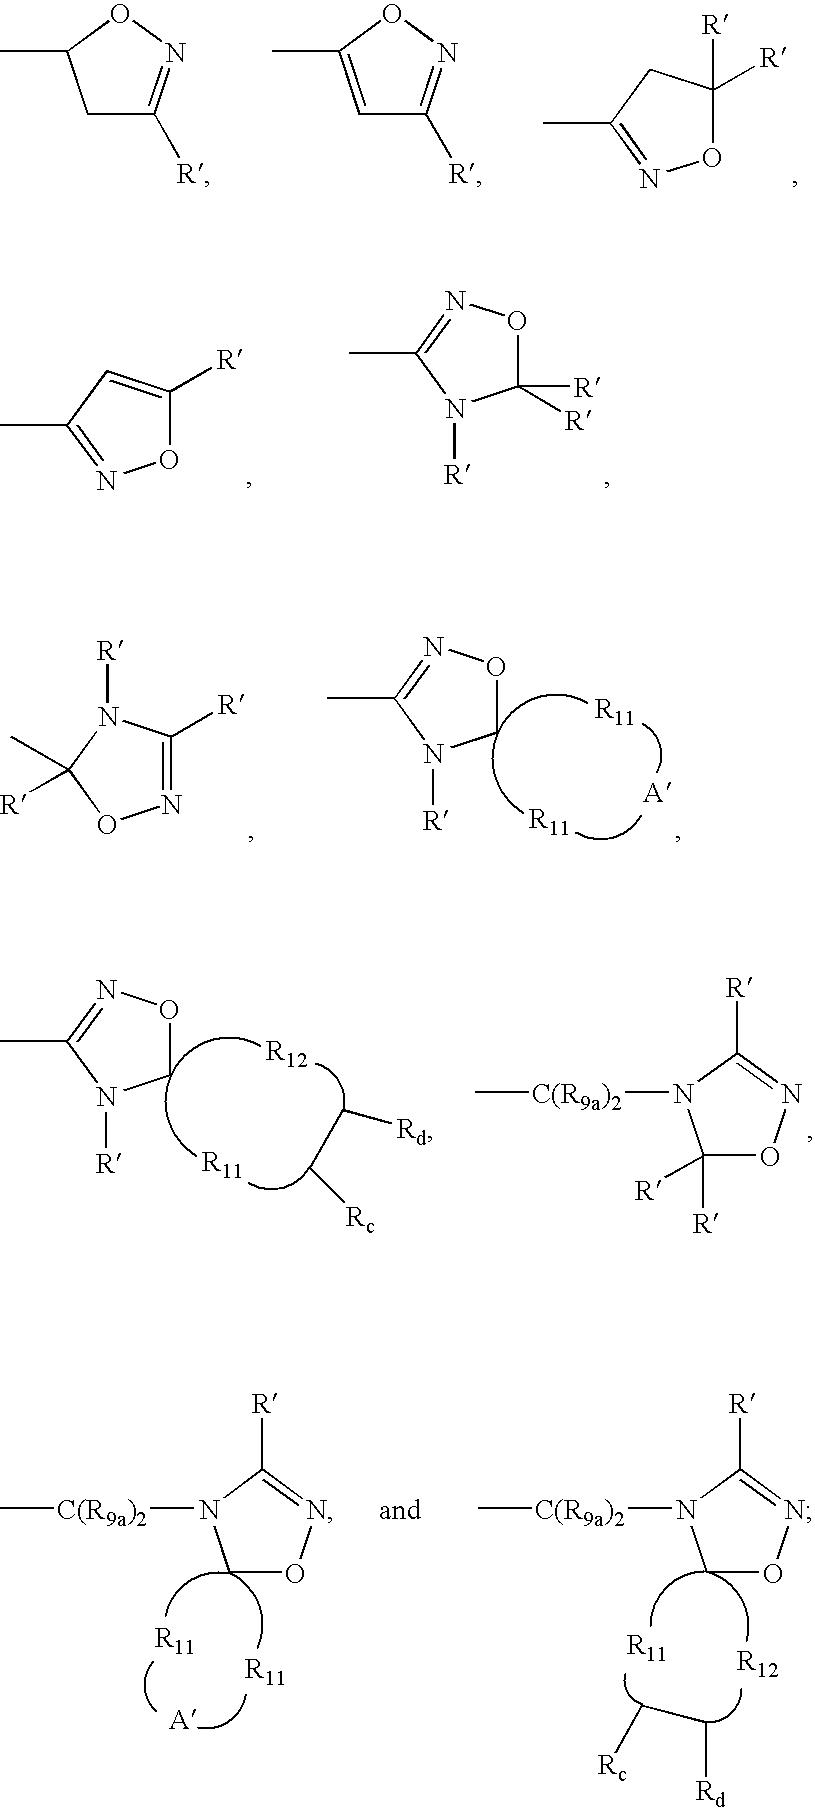 Figure US20070287725A1-20071213-C00180